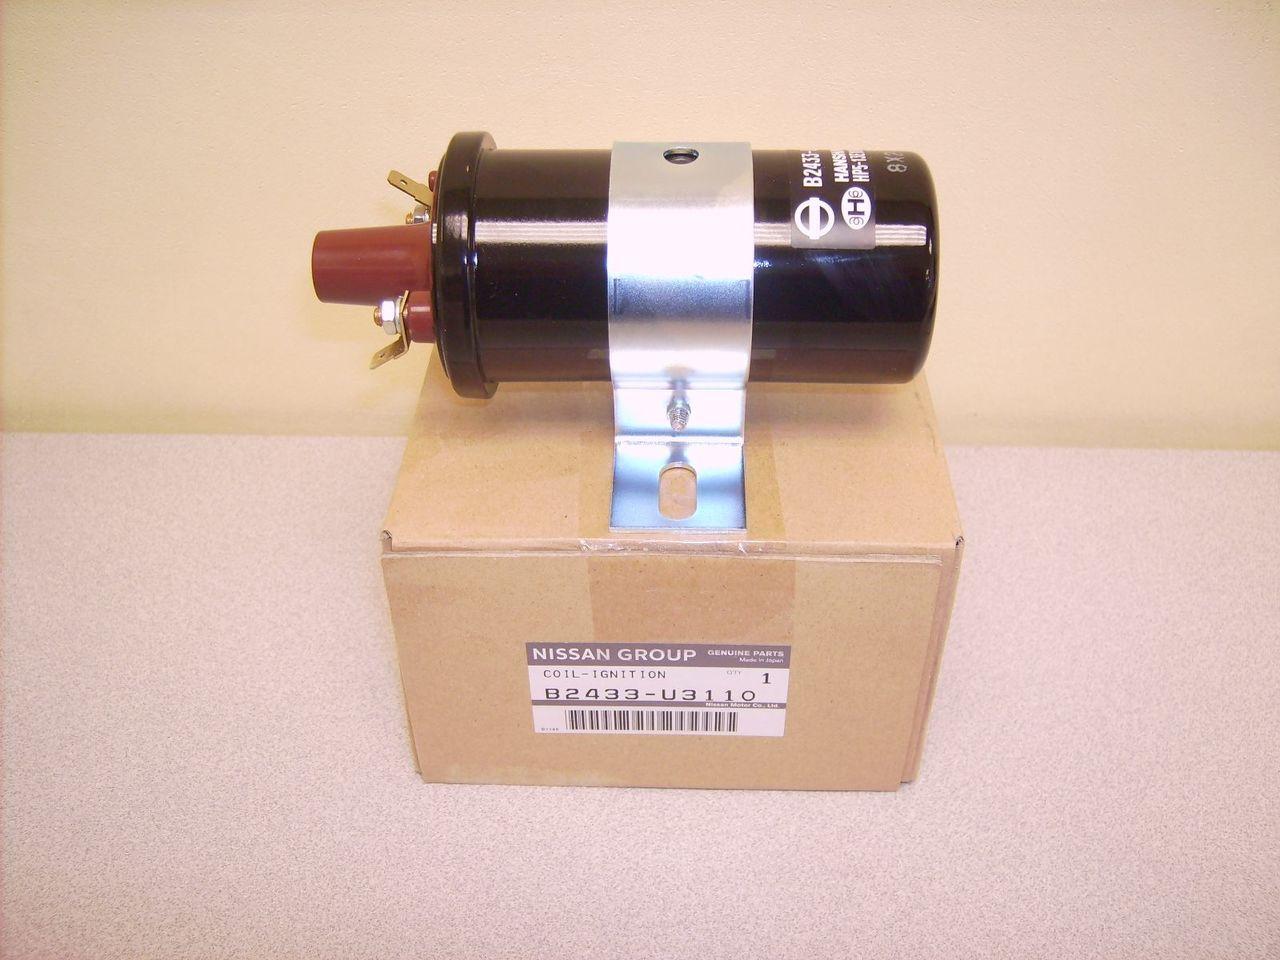 B2433-U3110